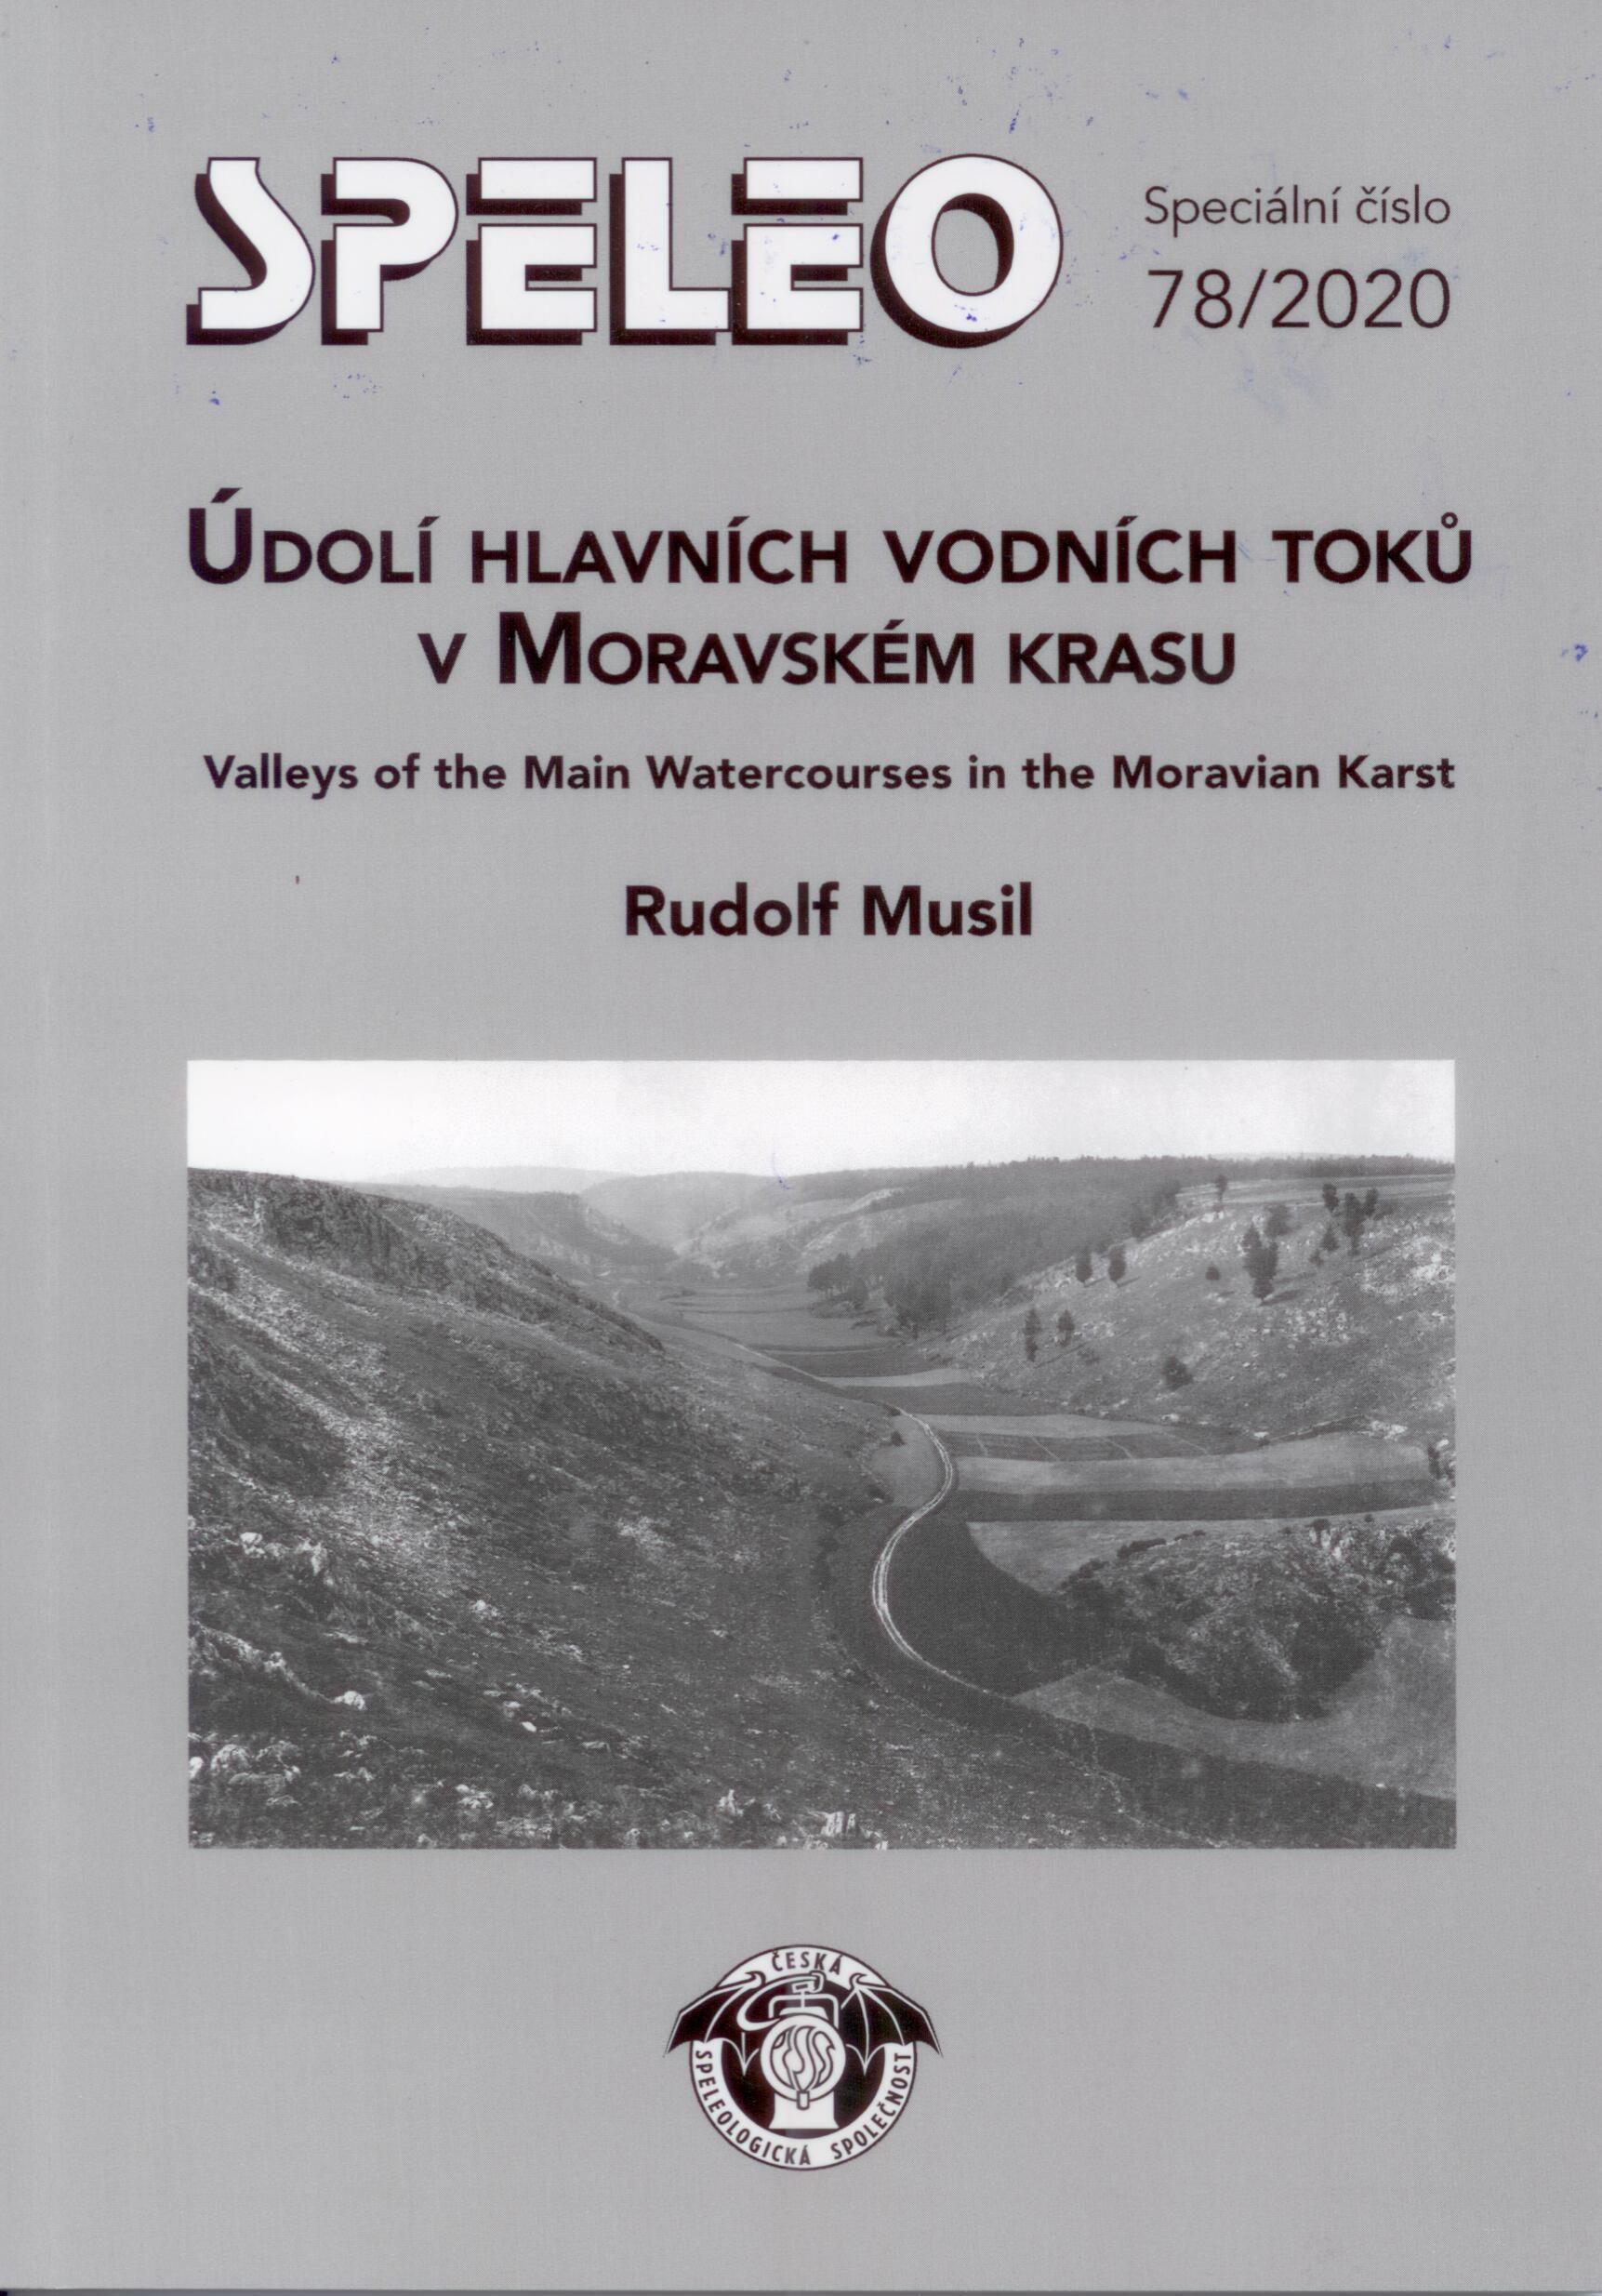 Údolí hlavních vodních toků v Moravském krasu